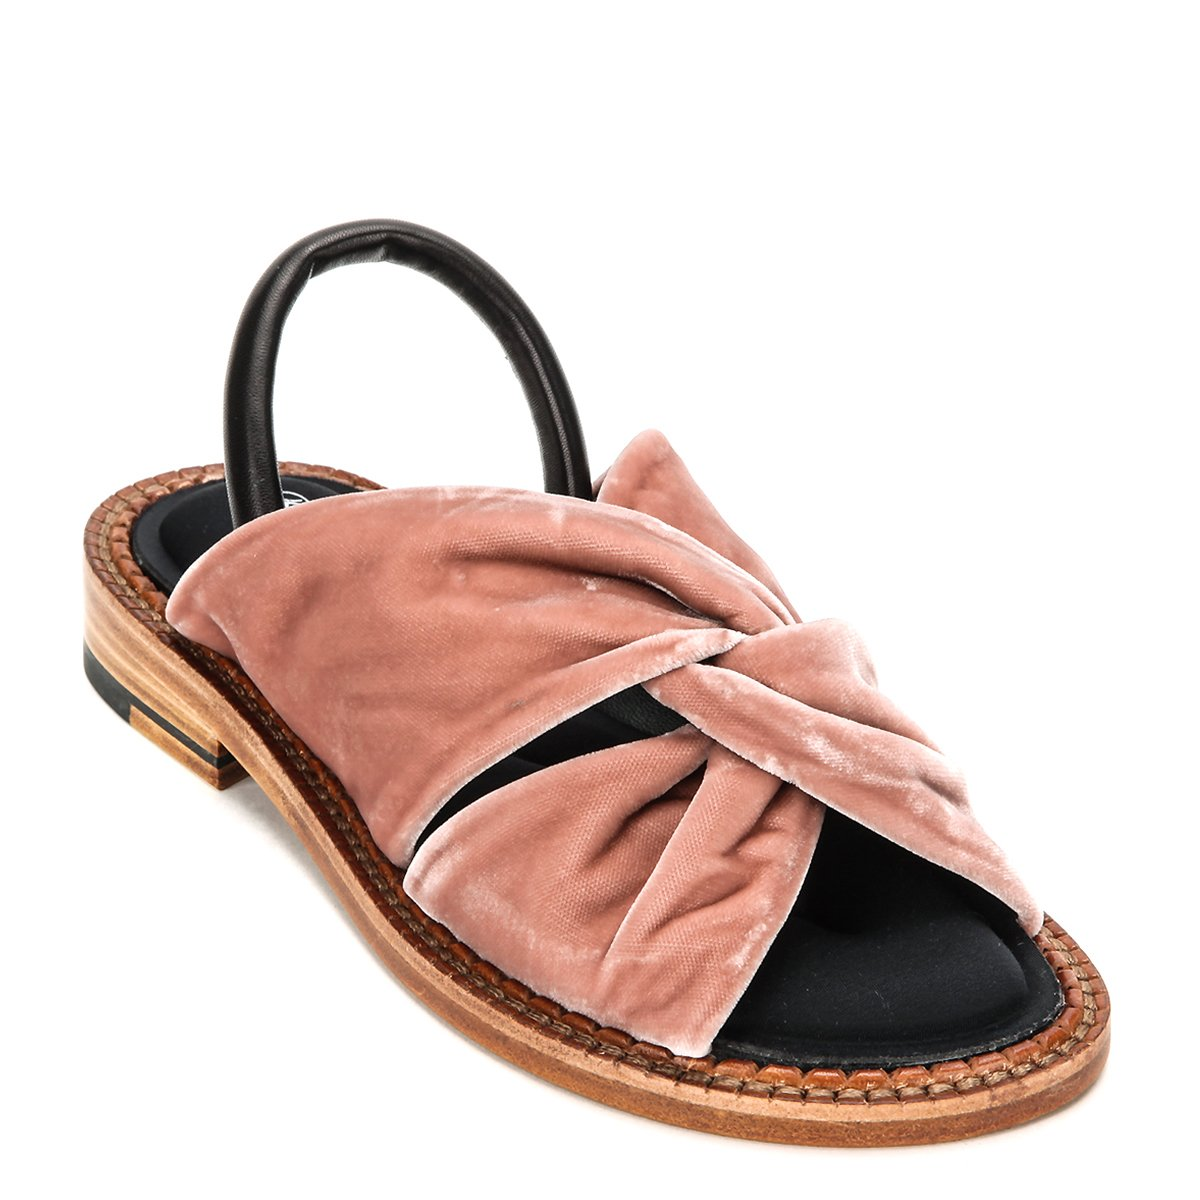 Robert Clergerie Women's Bloss Sling Back Sandals BLOSST, Skin (EU 40.5 M)